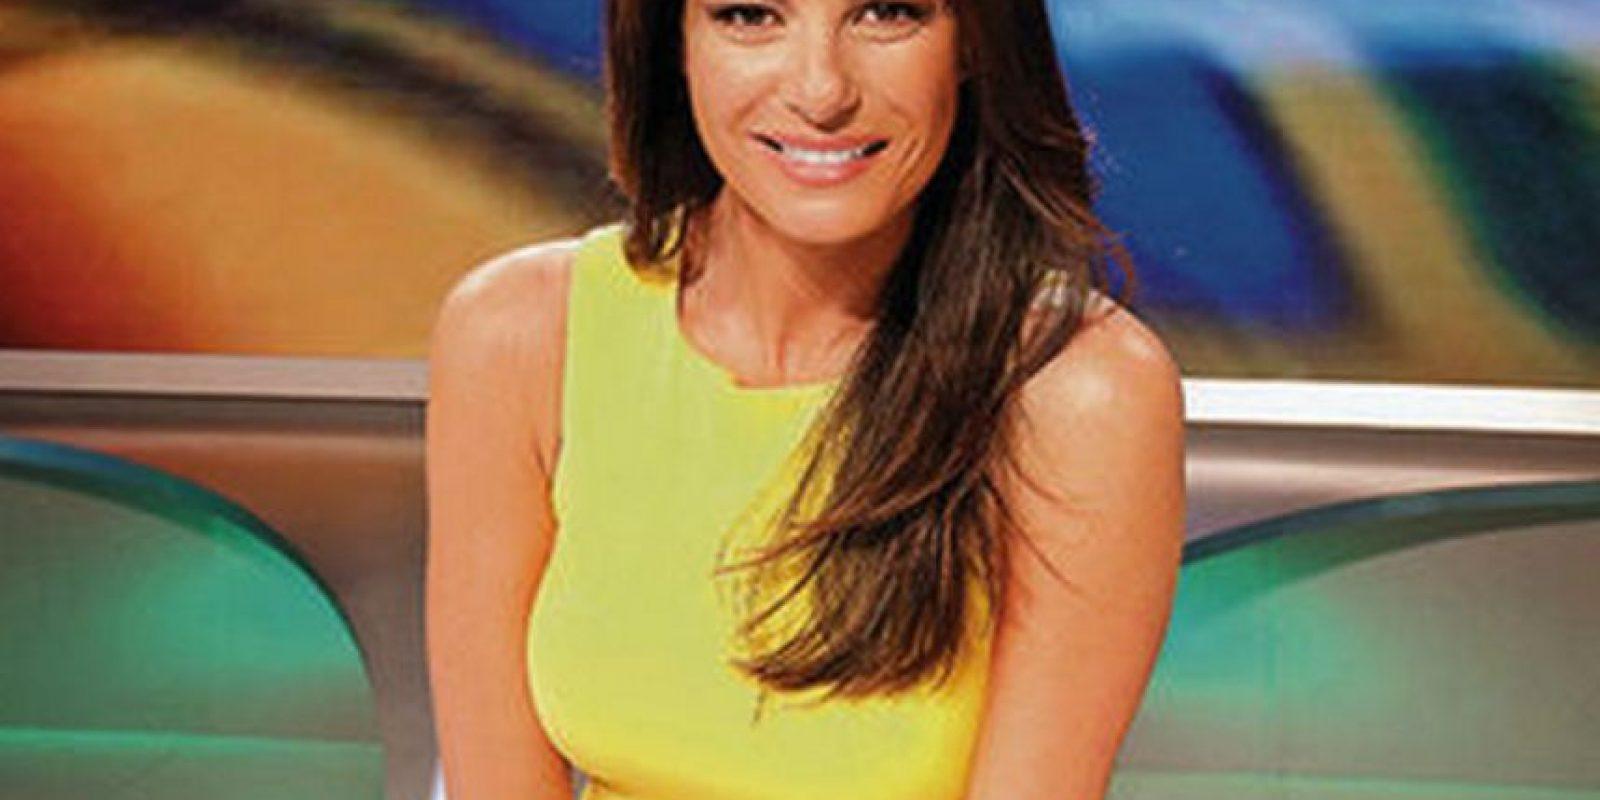 The Sun la ubicó entre las 10 periodistas más sexis del mundo, en 2009 Foto:Facebook: Ilaria D'Amico